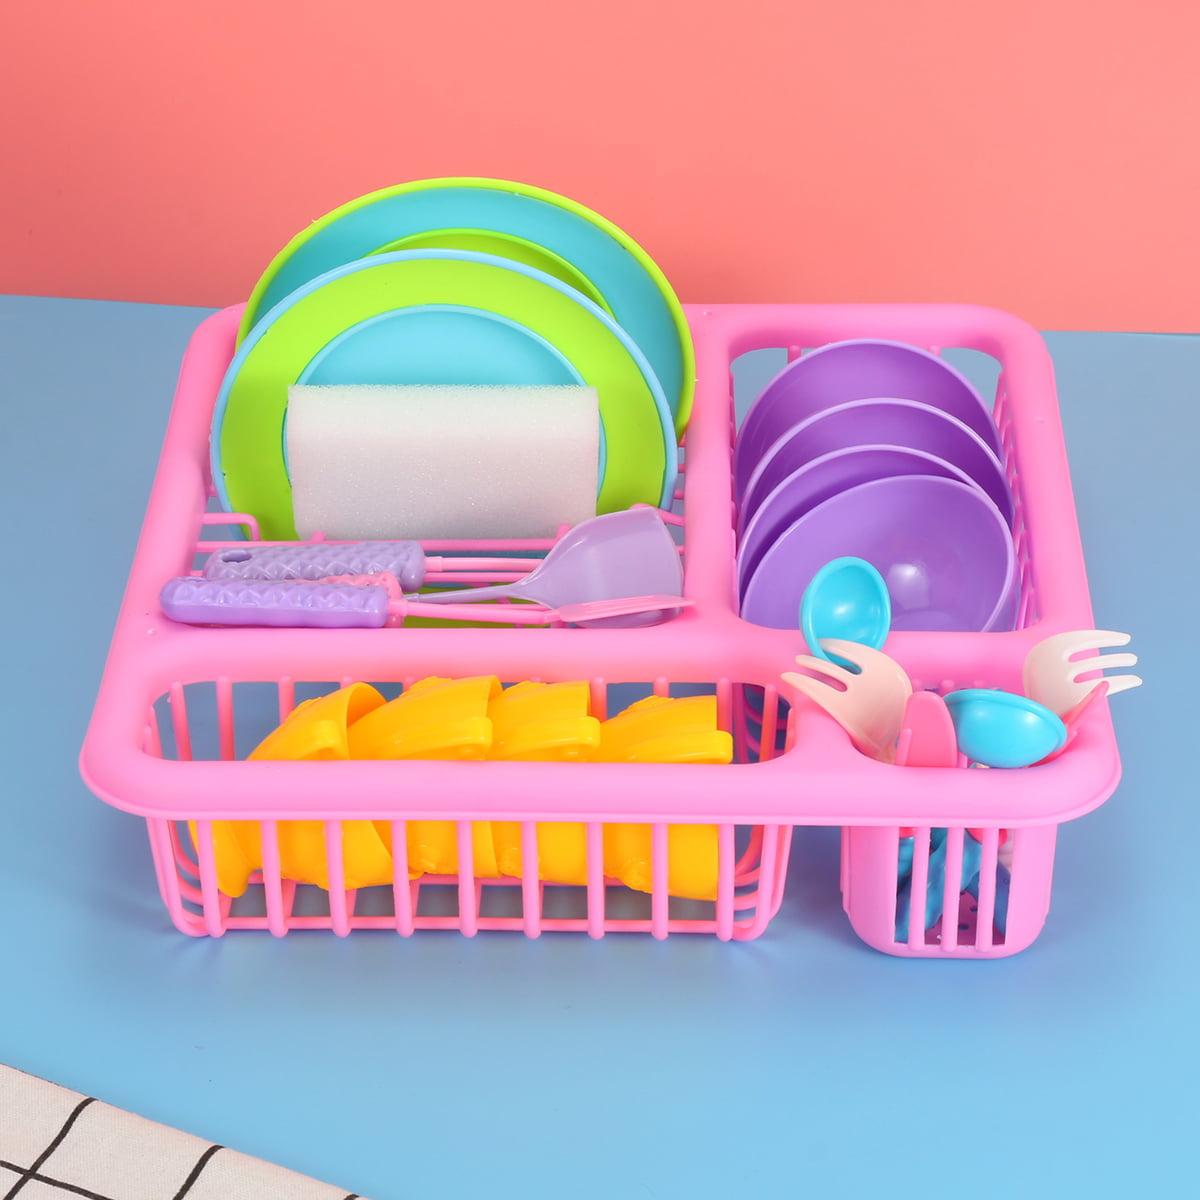 21pcs Kids Pretend Play Dishes Kitchen